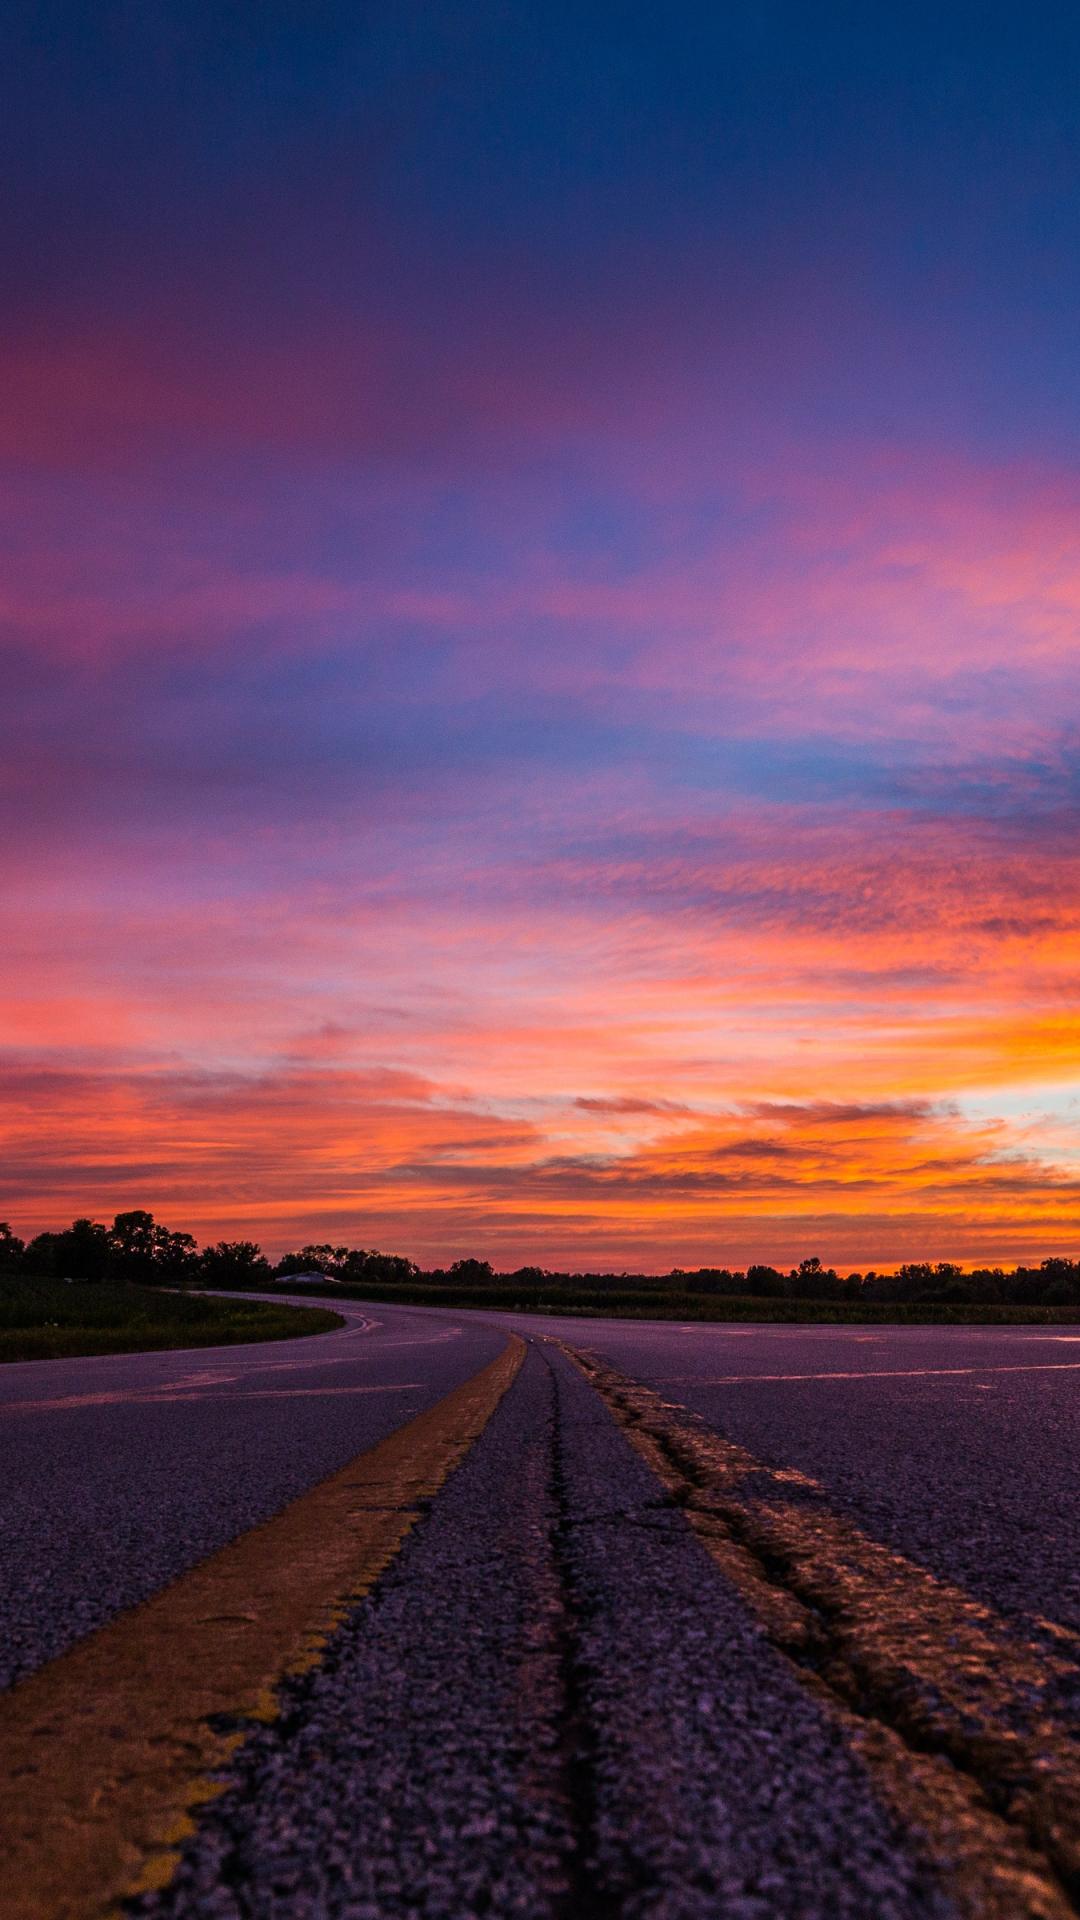 Cool Sunset Iphone Wallpaper Idrop News